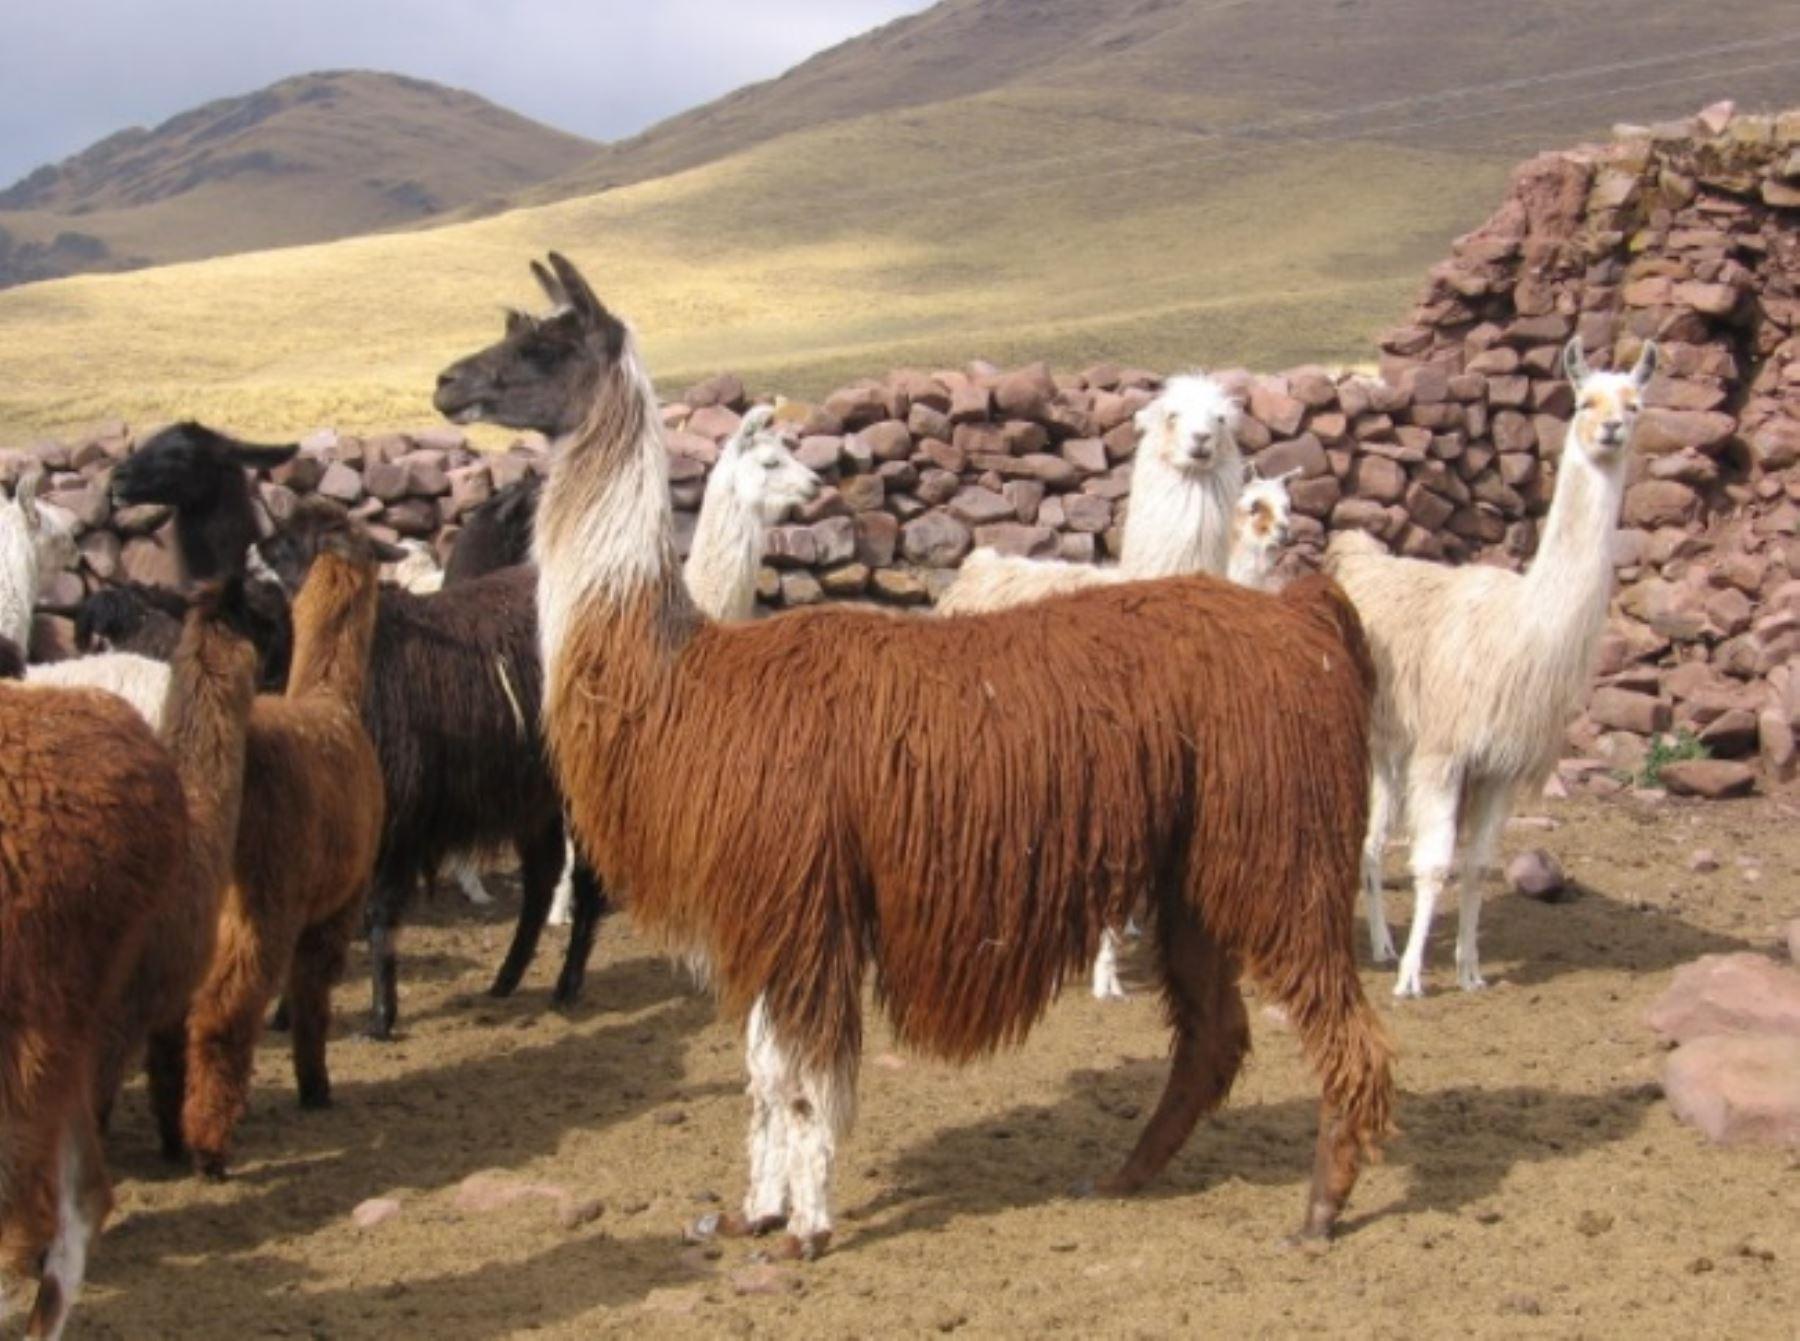 La alpaca es uno de los dos camélidos altoandinos domesticados en el mundo y donde el Perú destaca como primer productor de su fina fibra en el mundo, al contar con el 87% de la población mundial, con más de 3.6 millones de ejemplares. ANDINA/Difusión